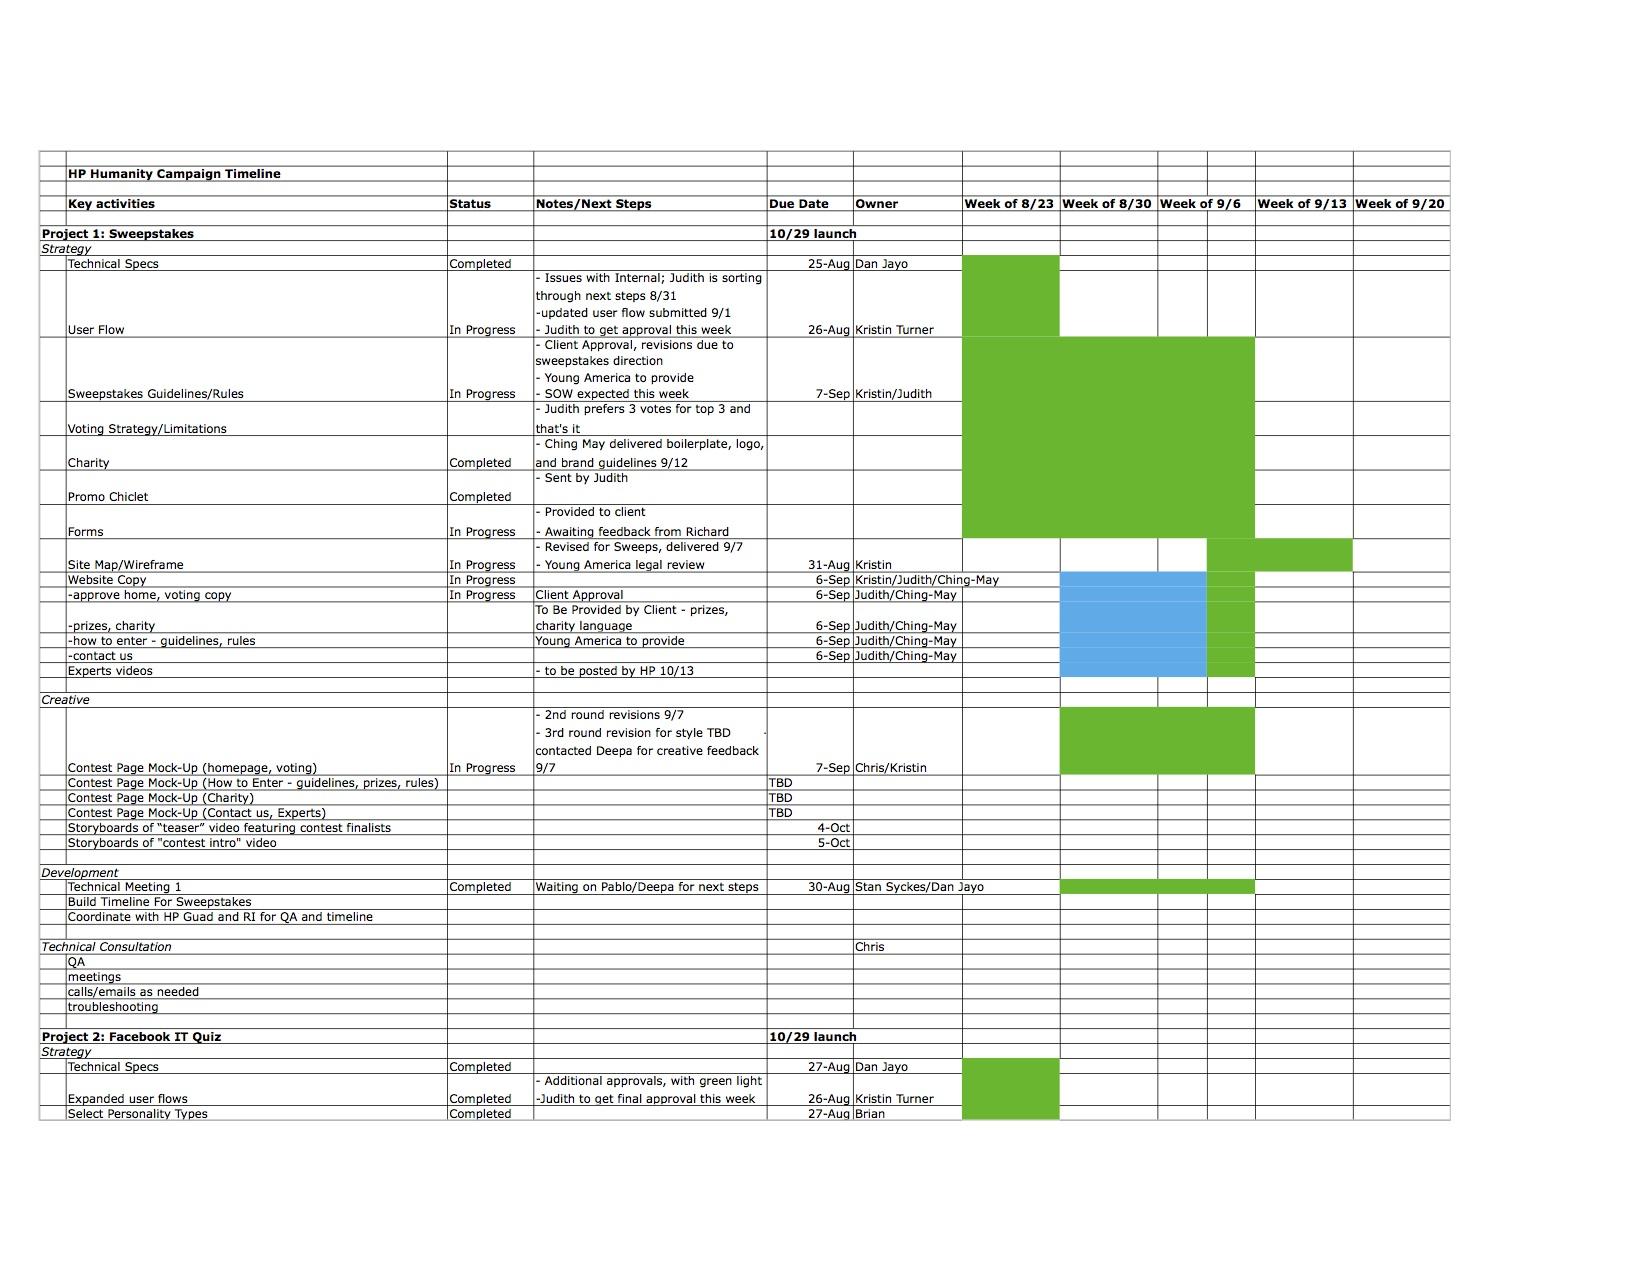 HP_Humanity_Timeline09132010.jpg